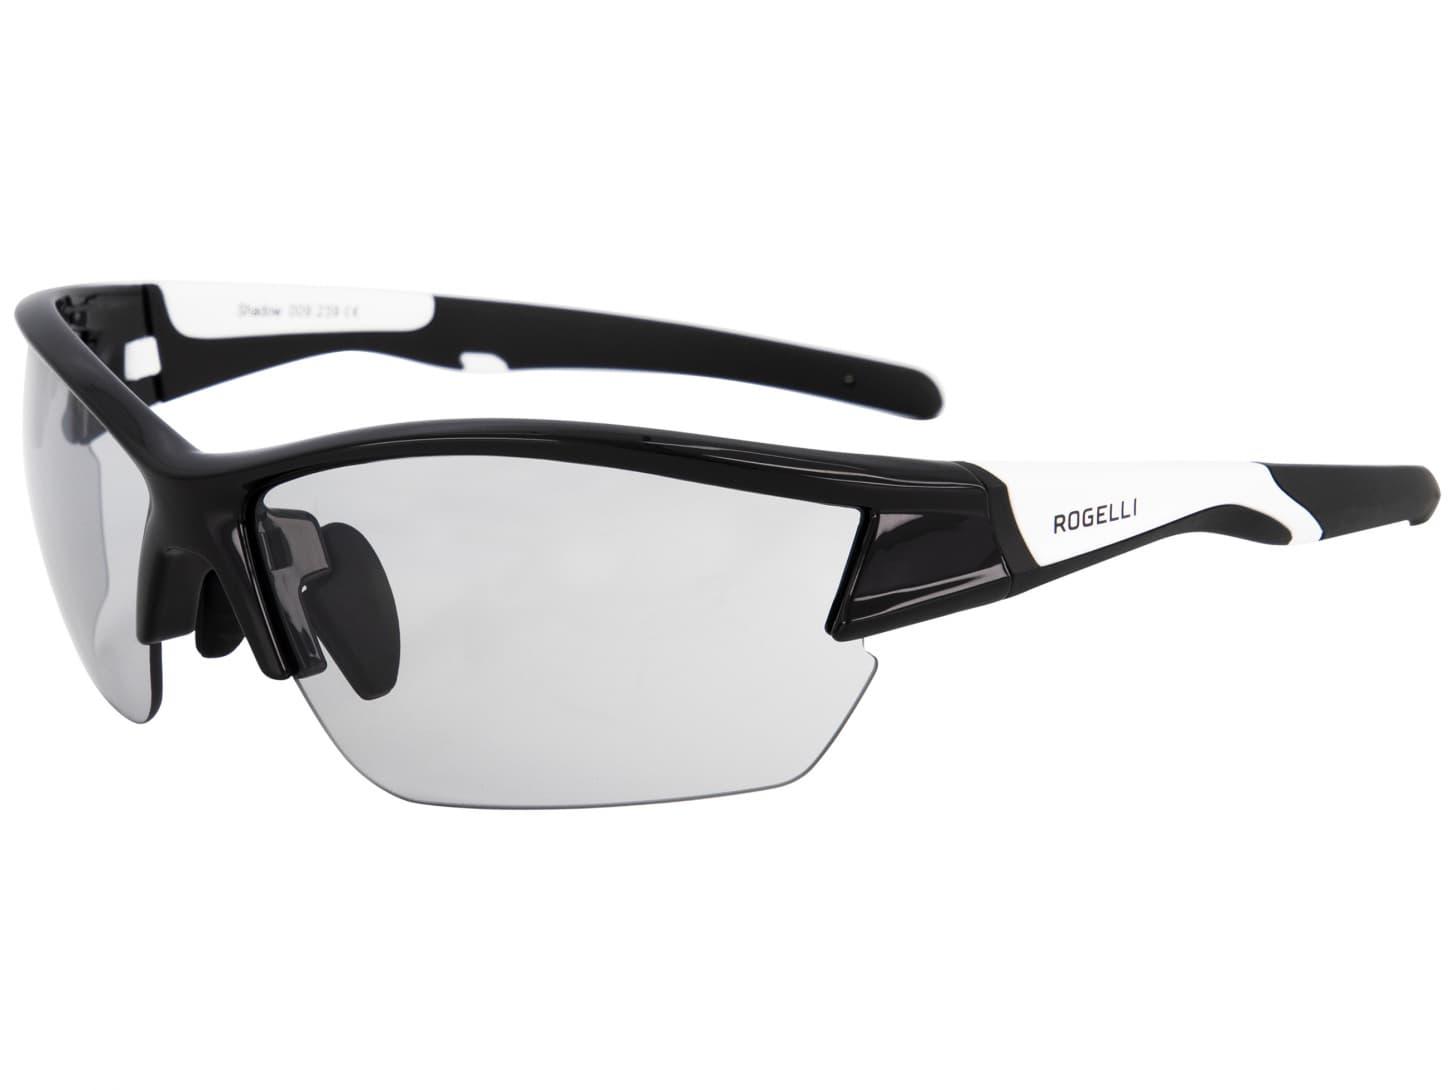 1048d35bf Fotochromatické športové okuliare Rogelli SHADOW, čierno-biele ...